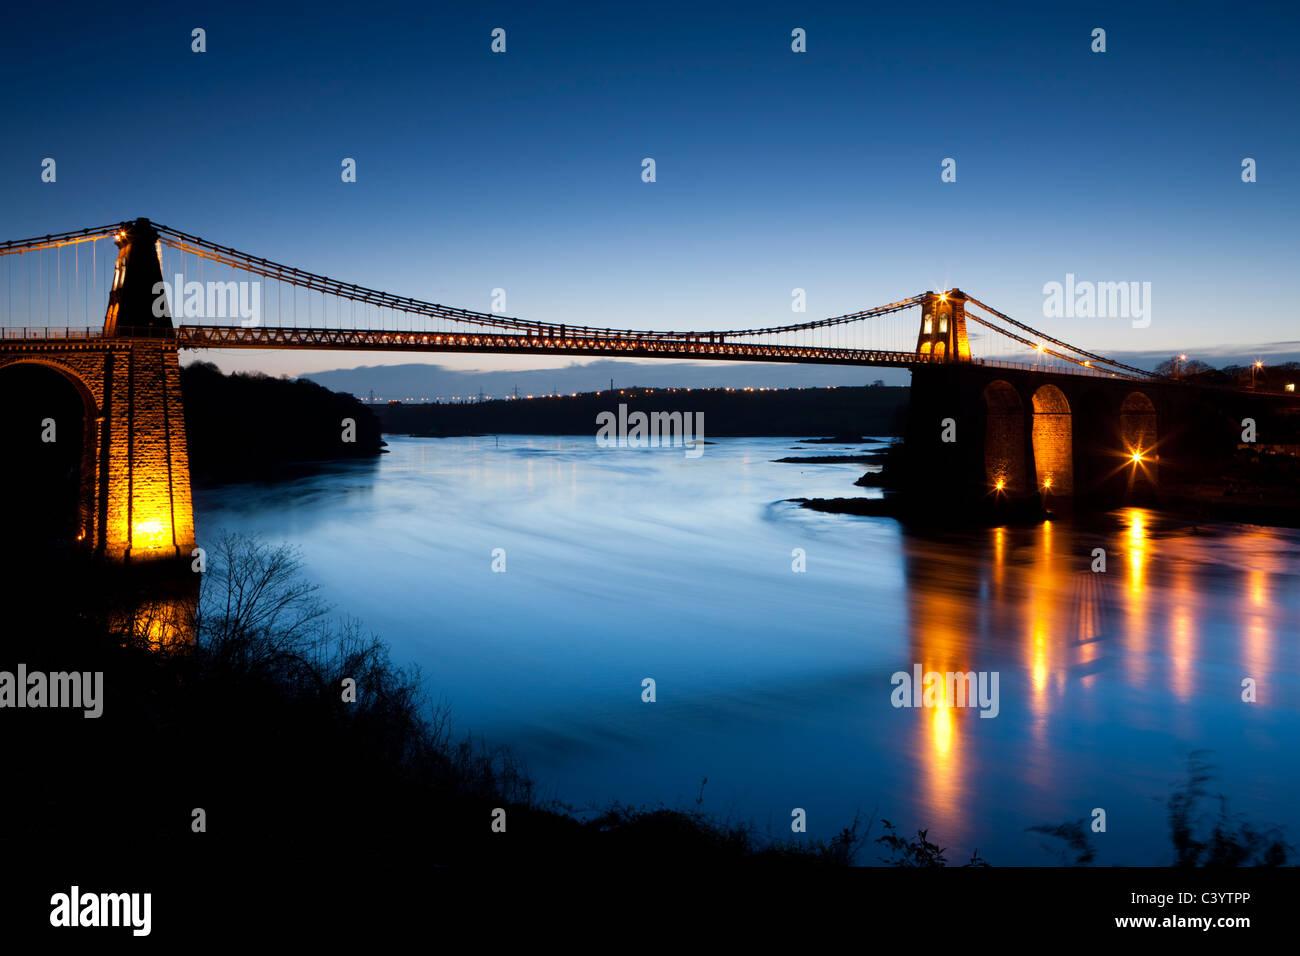 Am Abend Beleuchtungen auf die Menai-Brücke über die Menai Strait, Anglesey, North Wales, UK. Frühling Stockbild